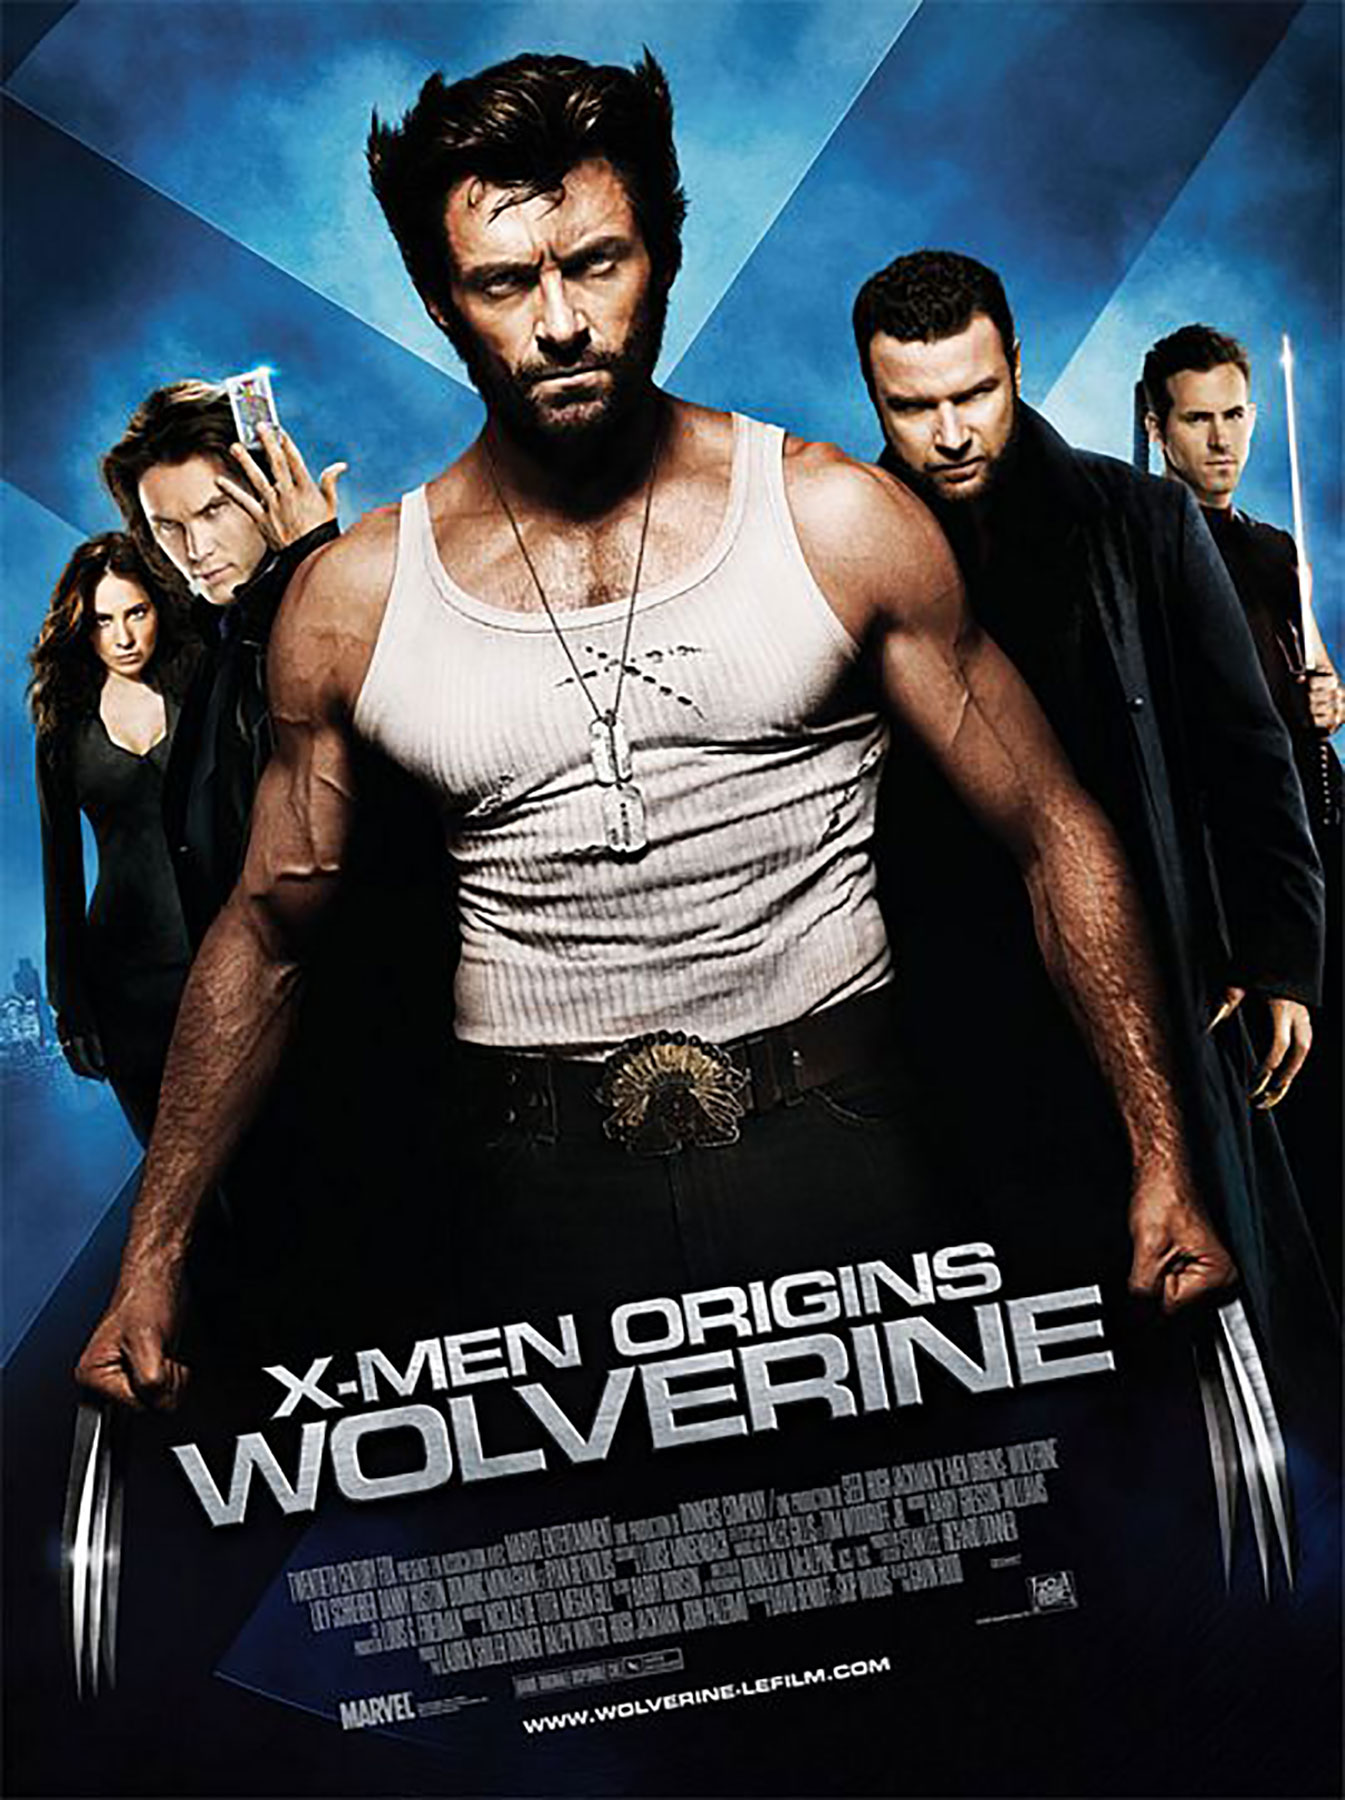 Affiche Poster x-men origins wolverine disney marvel fox